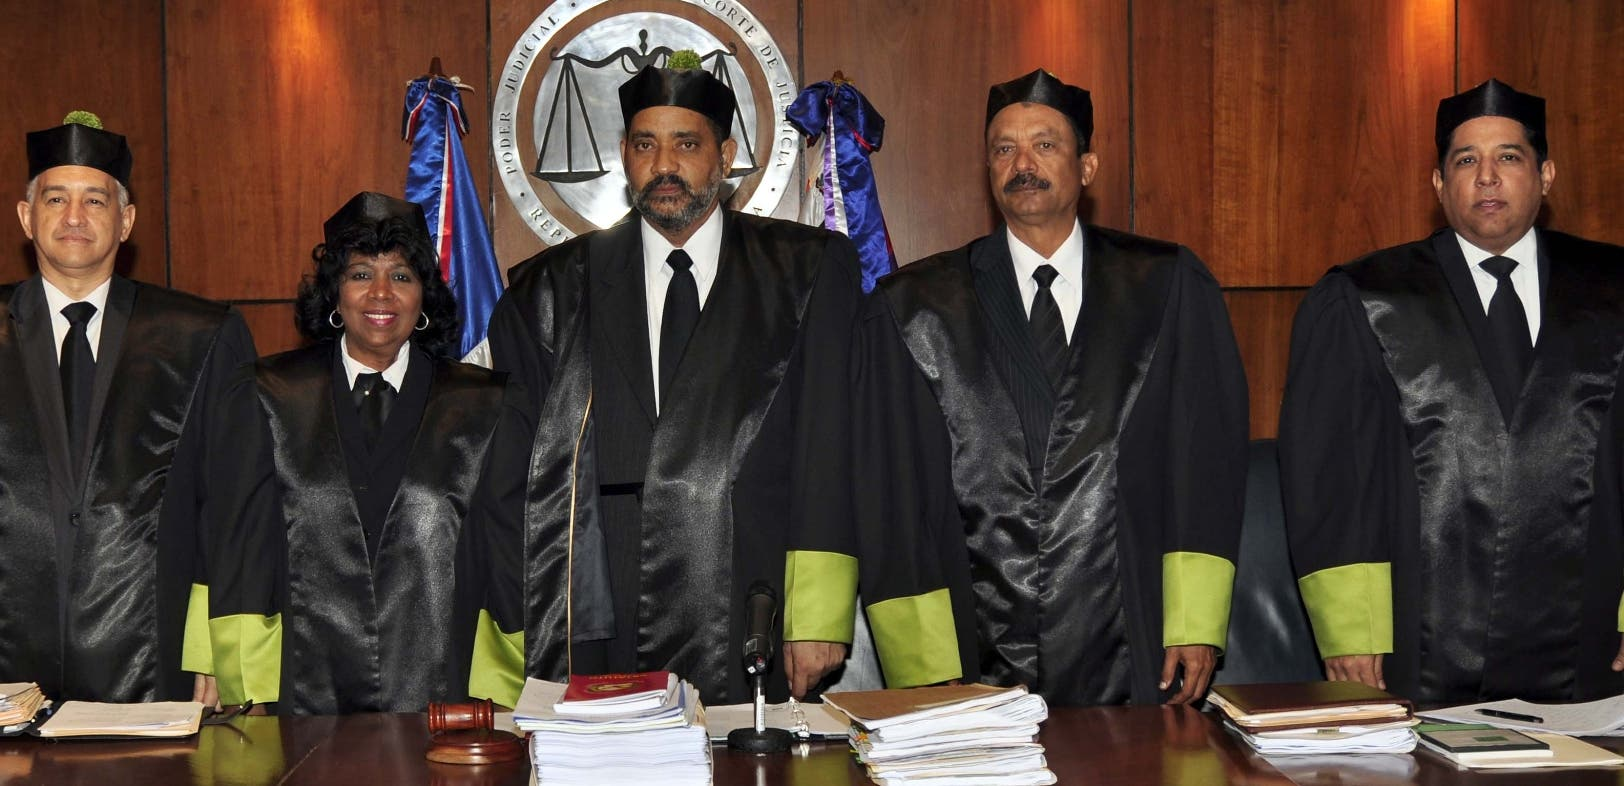 La Junta y el Tribunal Electoral luchan por definir sus fronteras